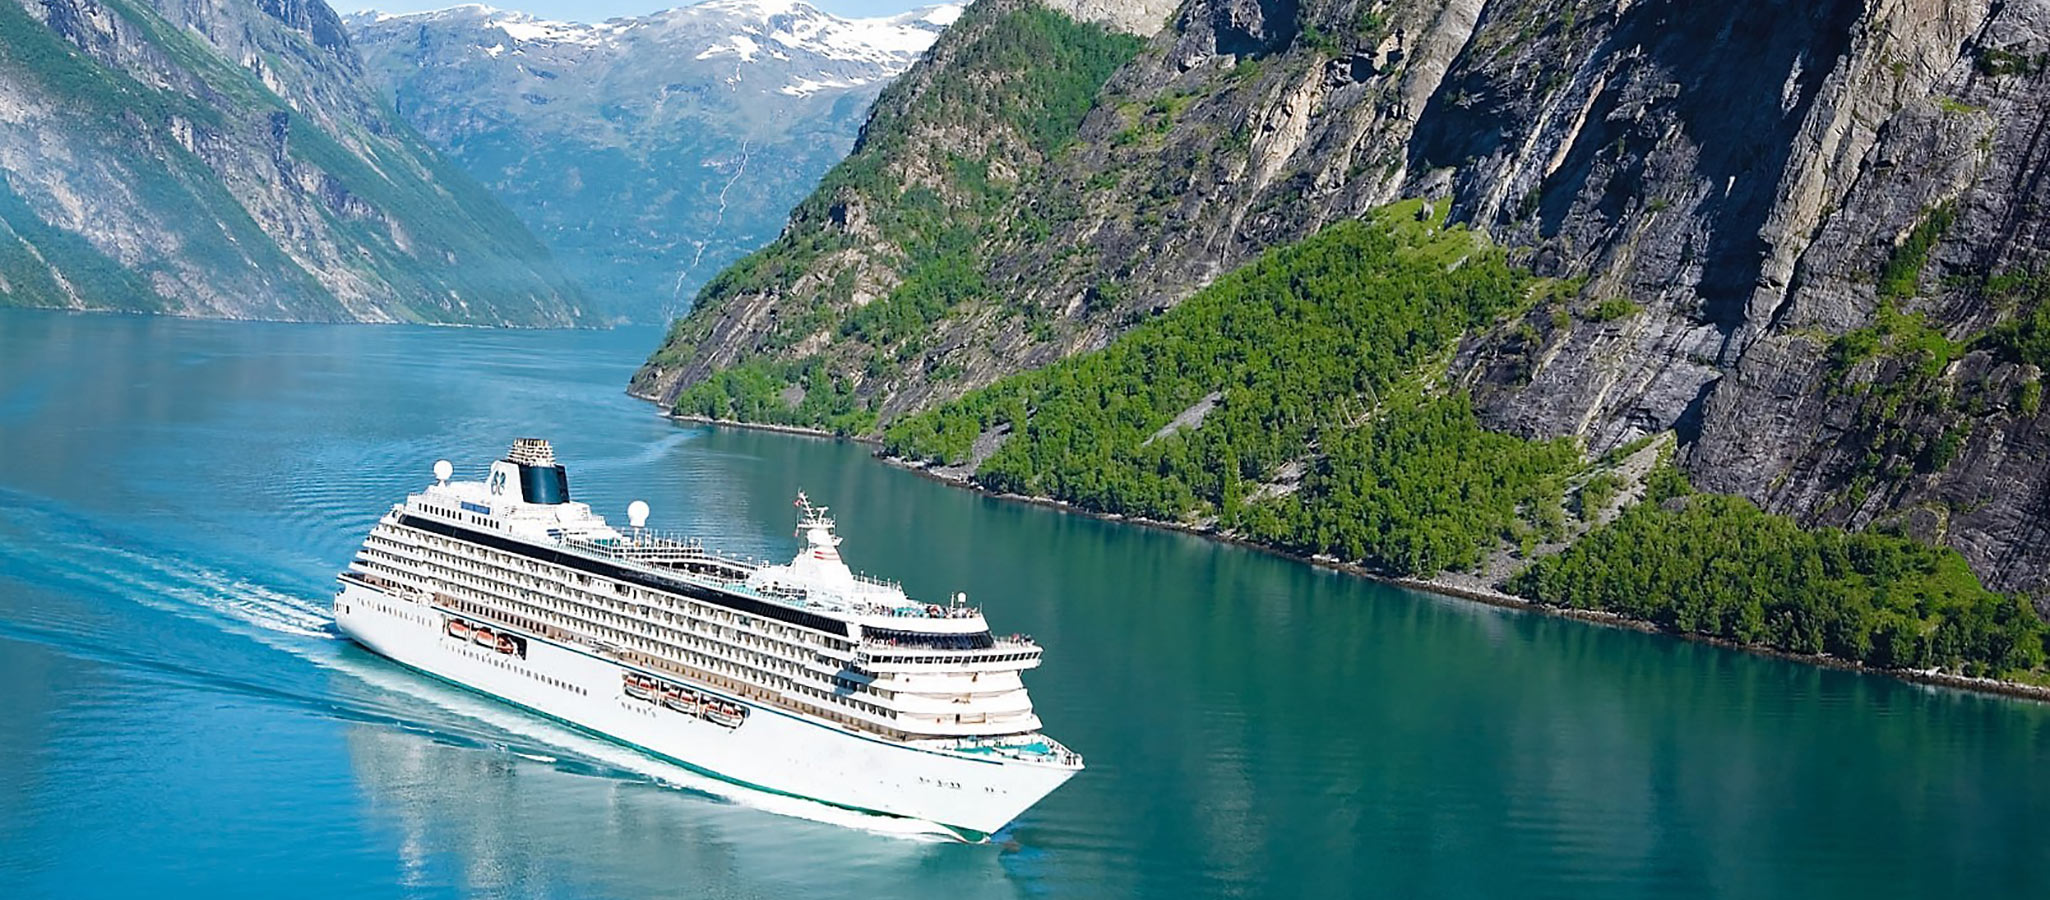 In den Sommermonaten sind die meisten Kreuzfahrtschiffe dieser Kategorie in Nordeuropa und dem Mittelmeer unterwegs. Im Winter steuern sie die Kanaren und die Überseedestinationen an.